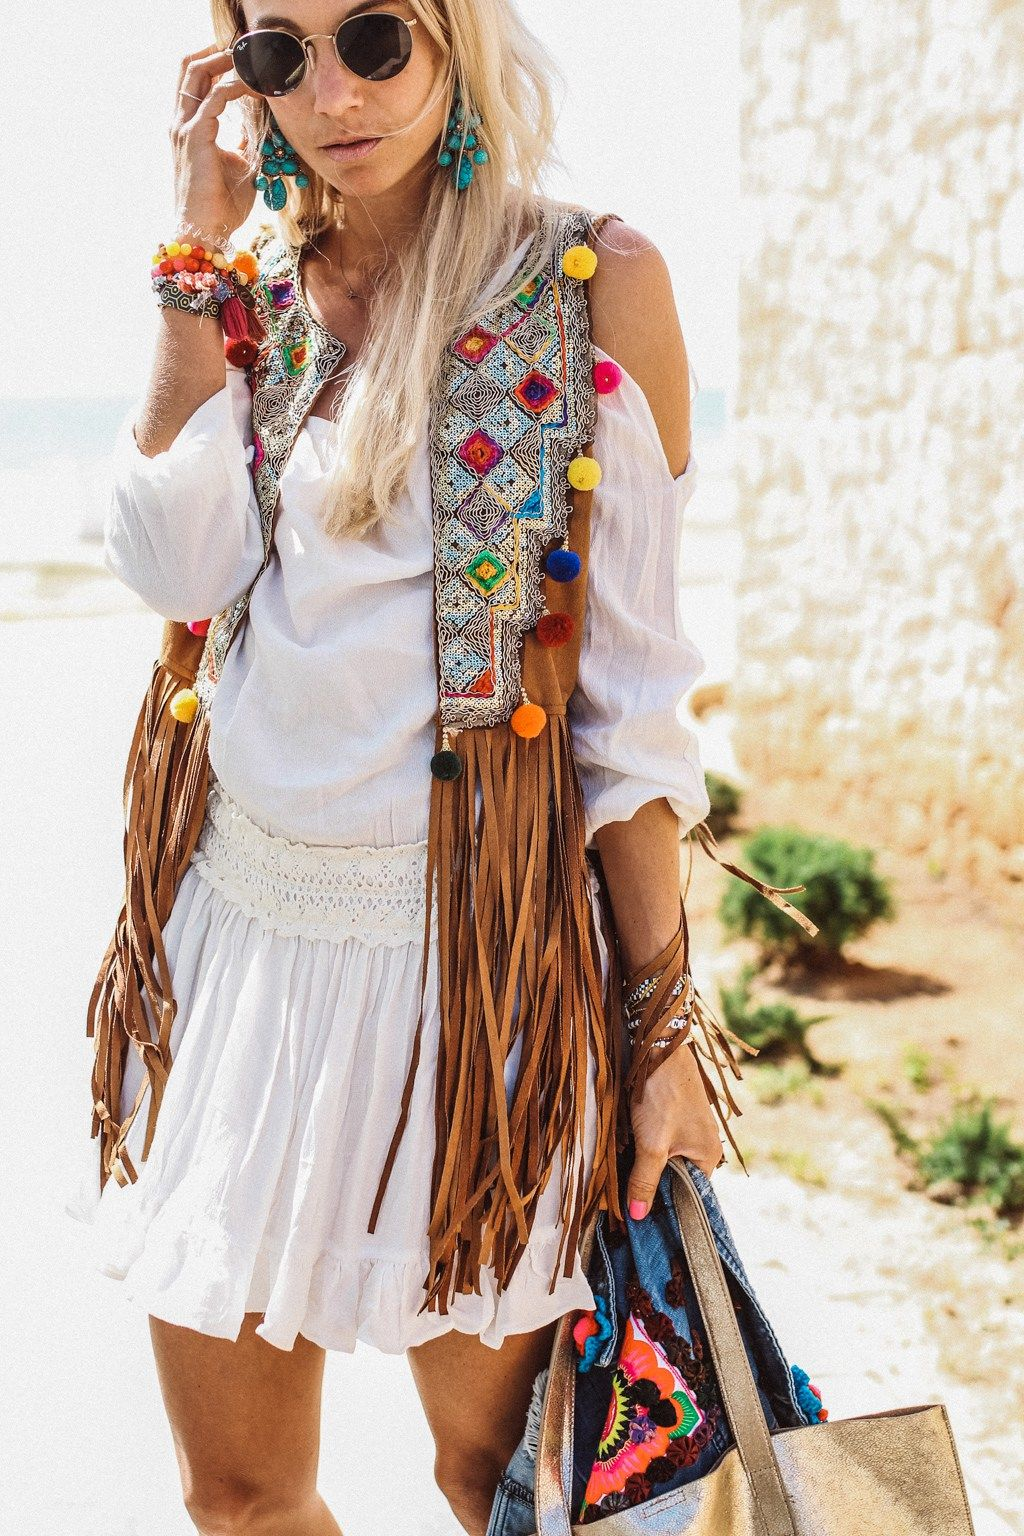 Hippie Stil Statement-Outfit mit Leder-Weste